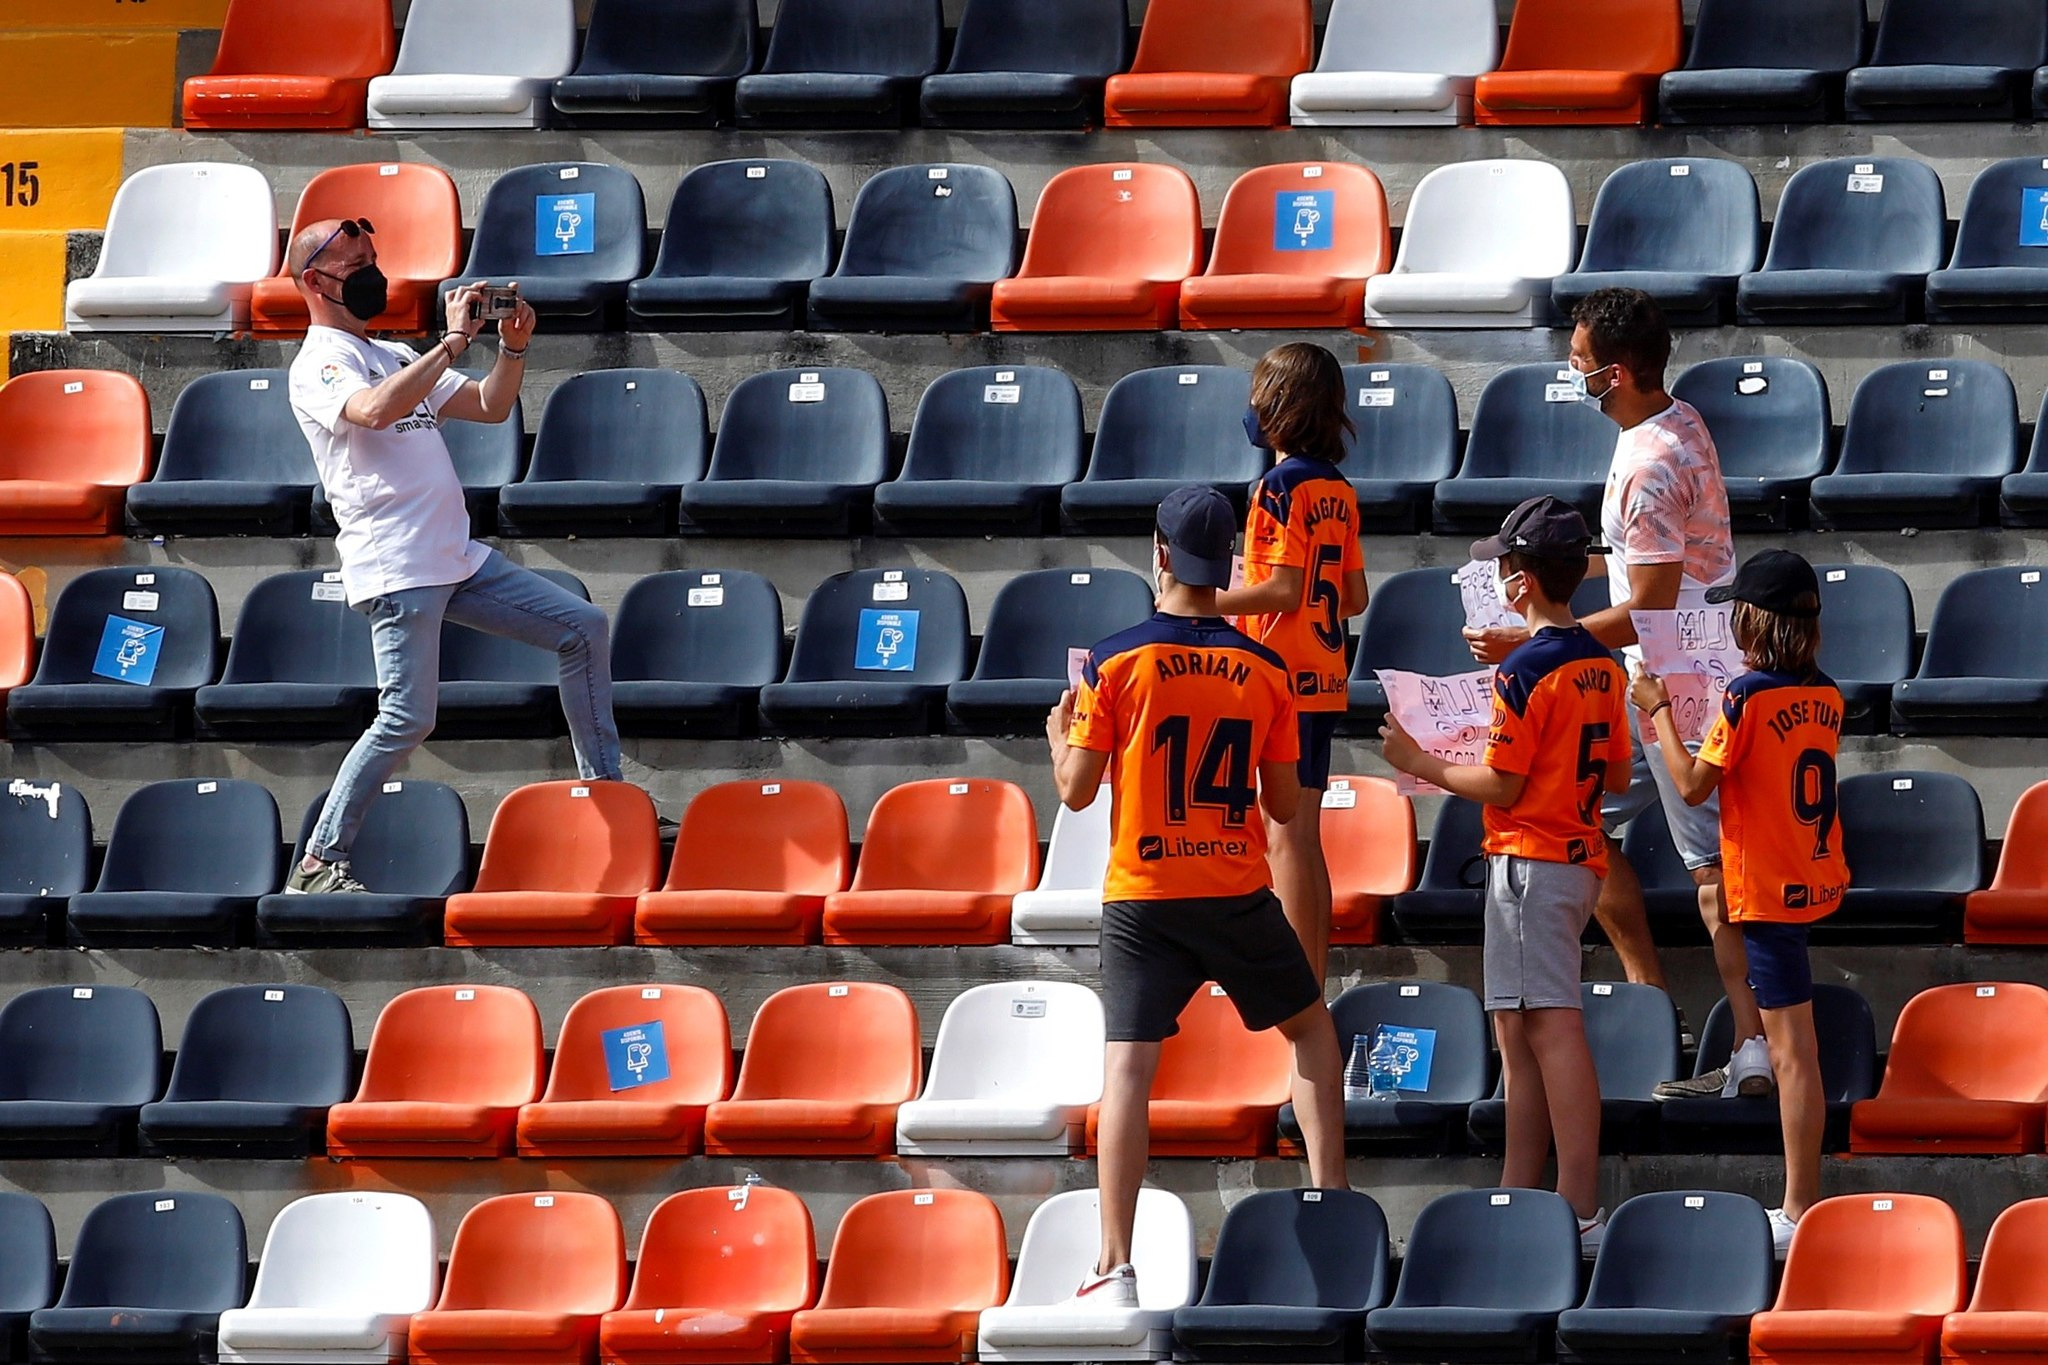 Los aficionados del Valencia en la grada de Mestalla 15 meses después.